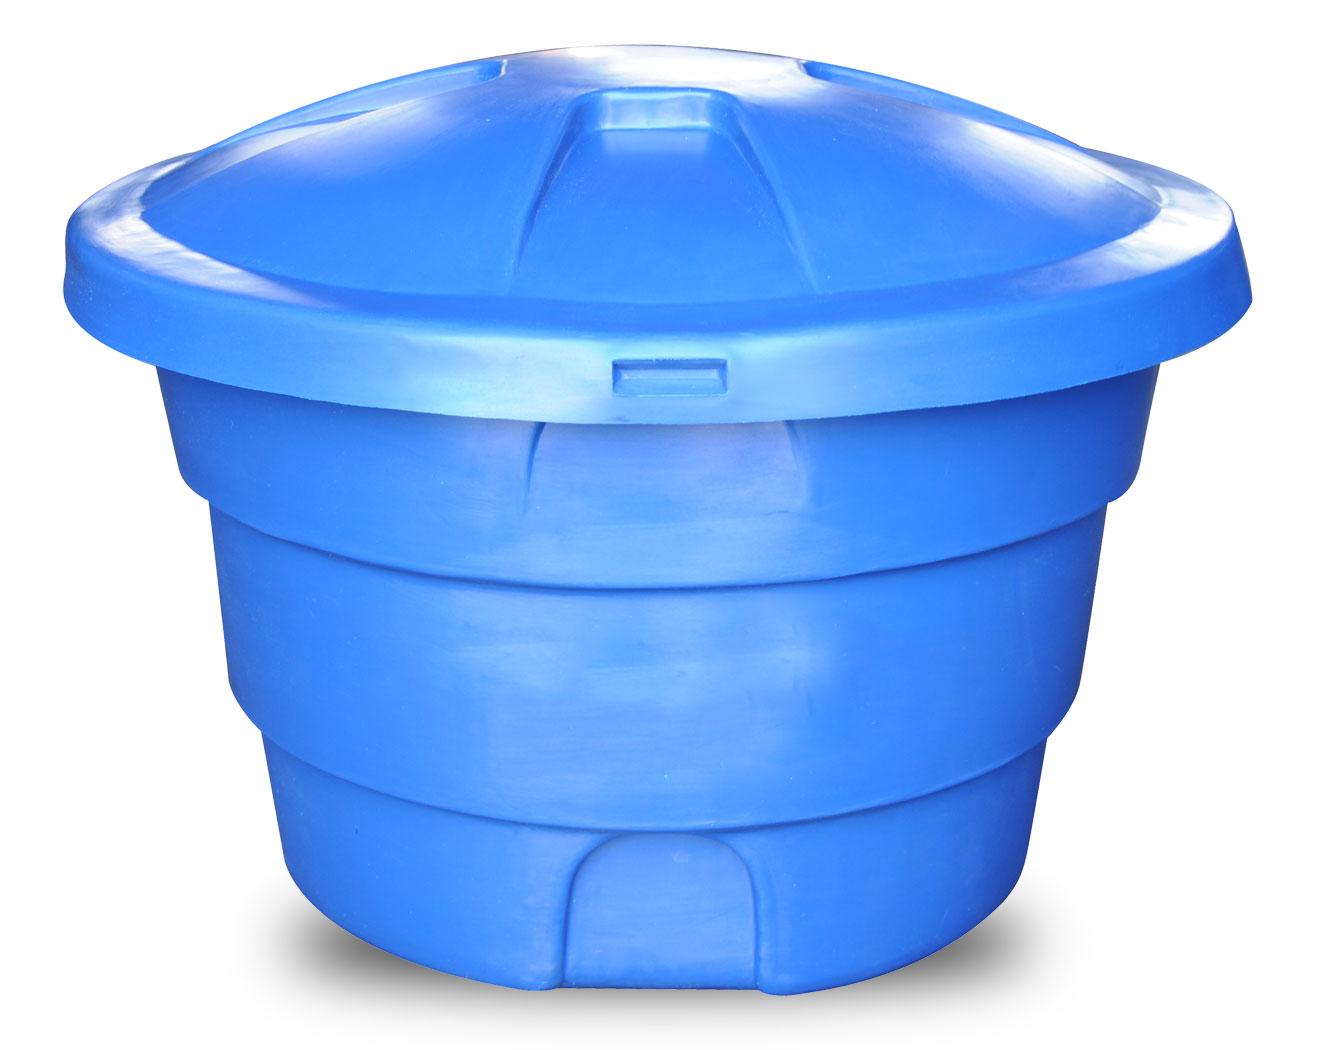 caixa dagua - Limpeza de Caixa Dágua